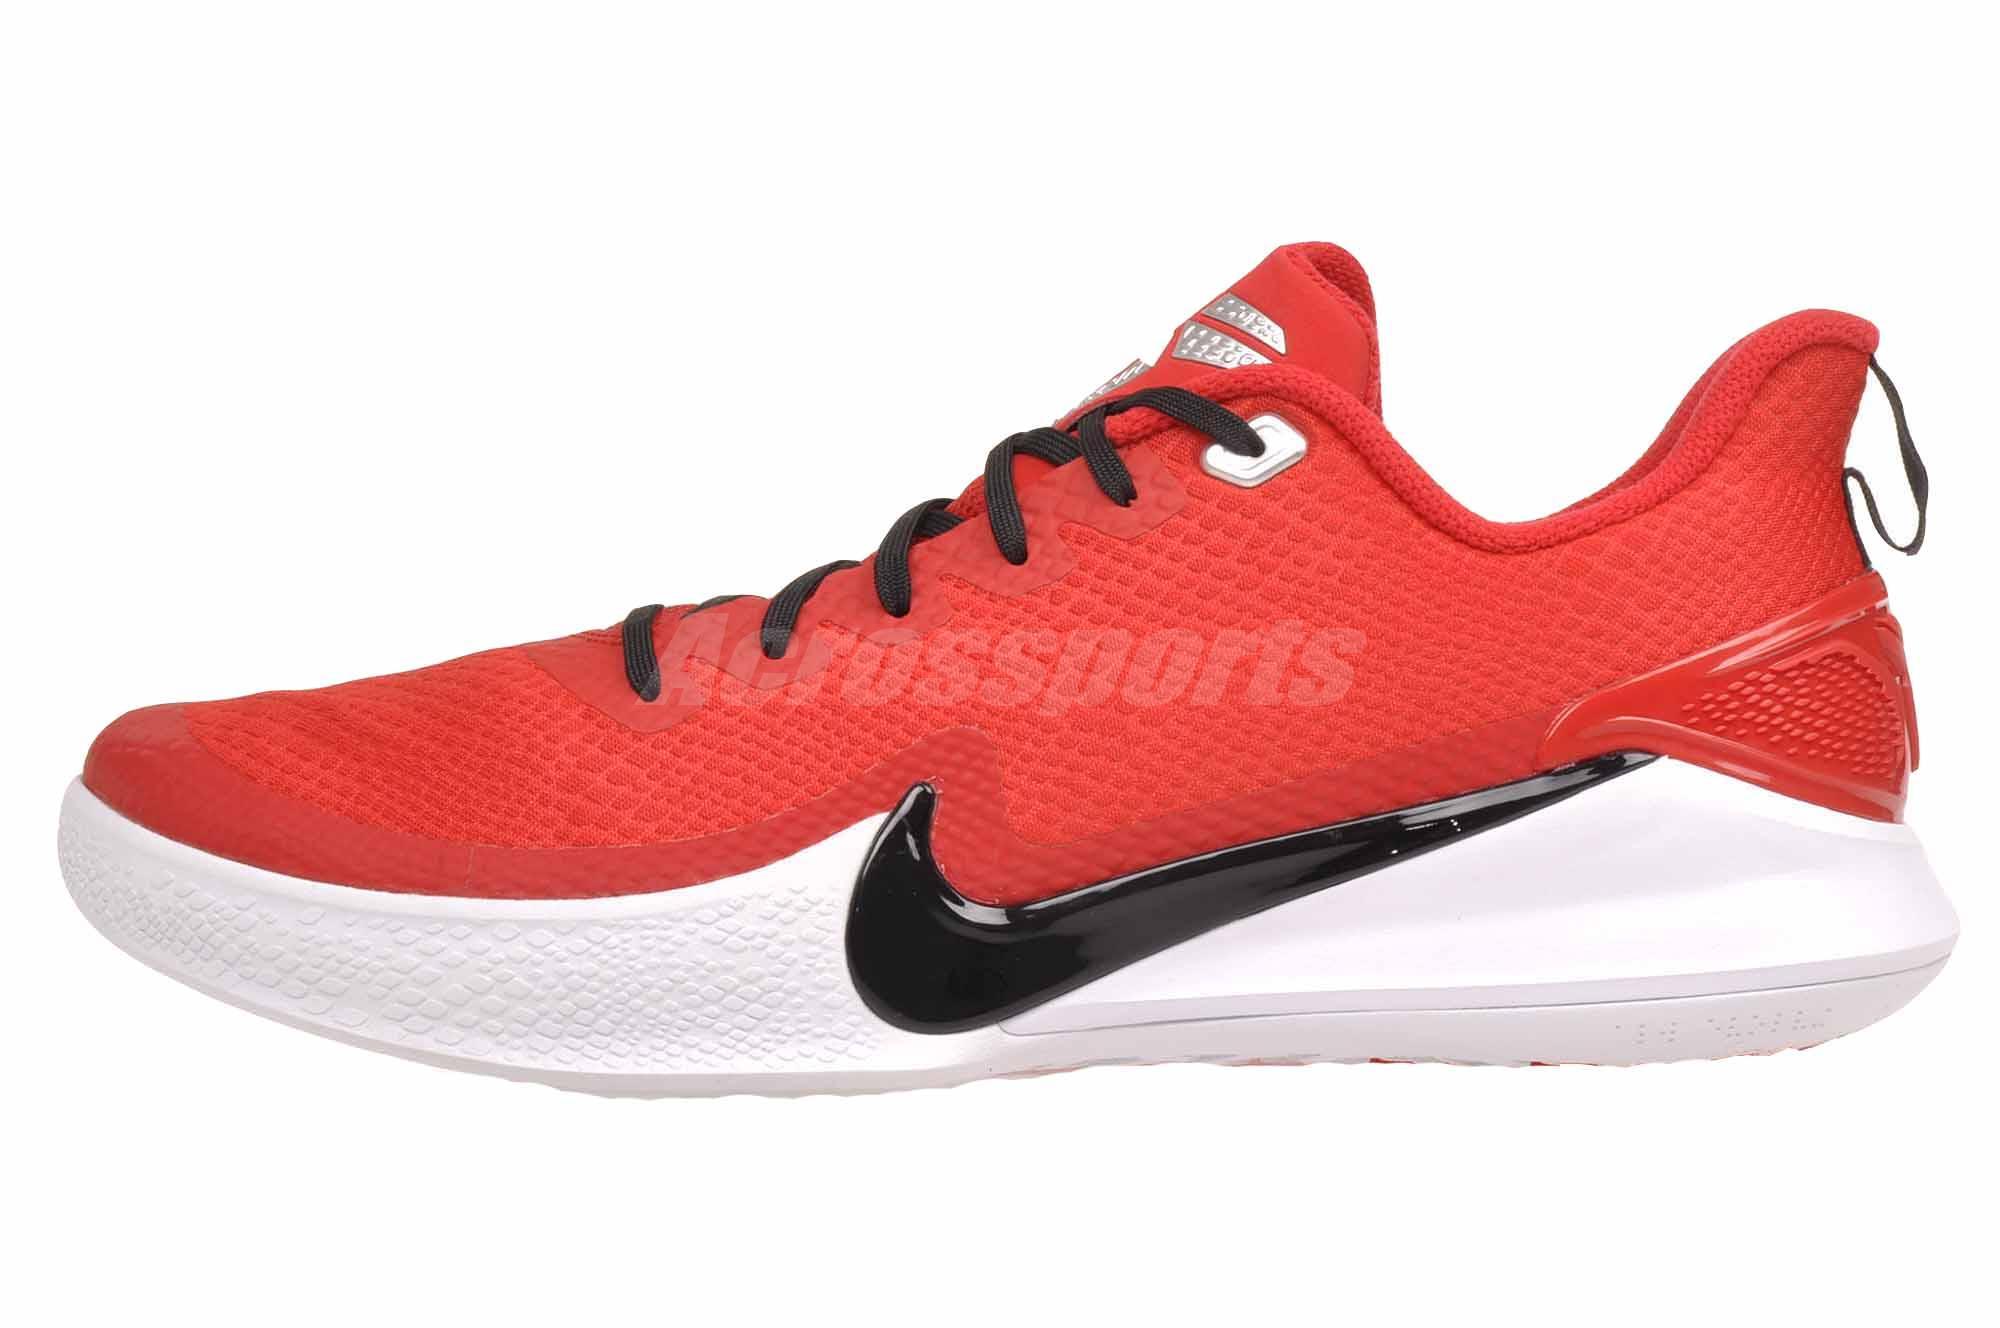 Nike Mamba Focus Kobe Bryant TB